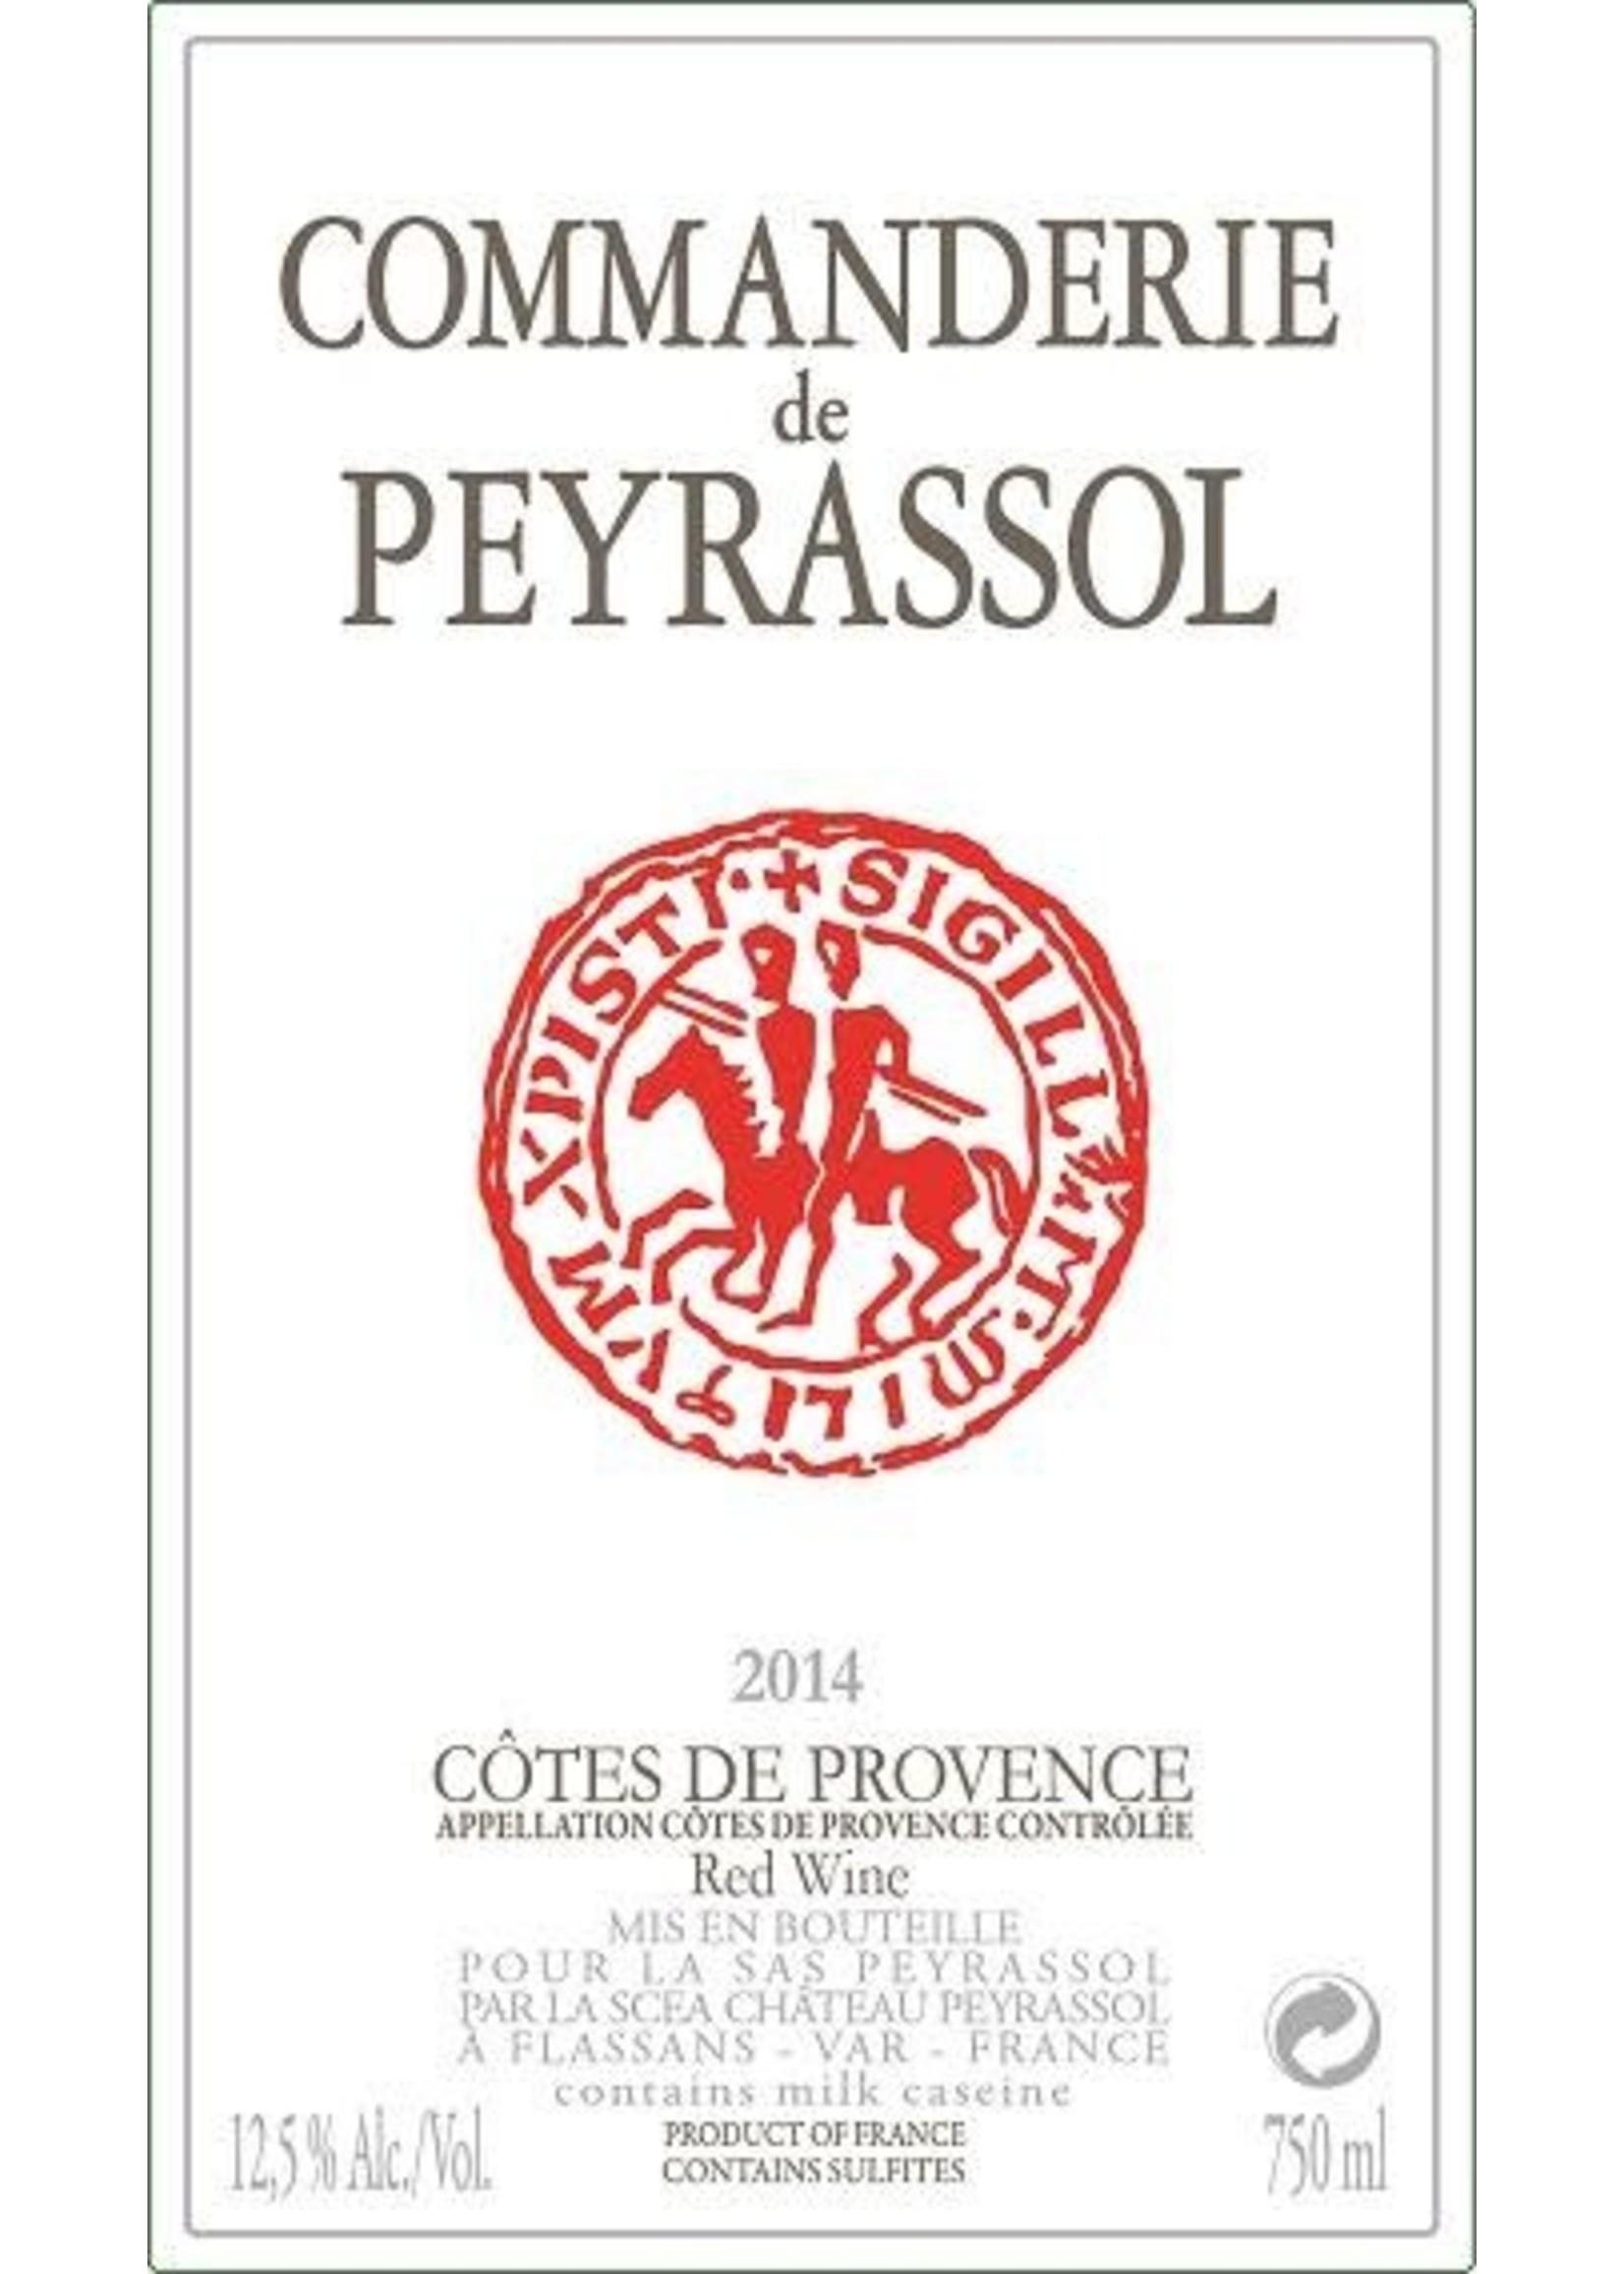 Commanderie de Peyrassol Commanderie de Peyrassol / Cotes de Provence Rouge / 750mL